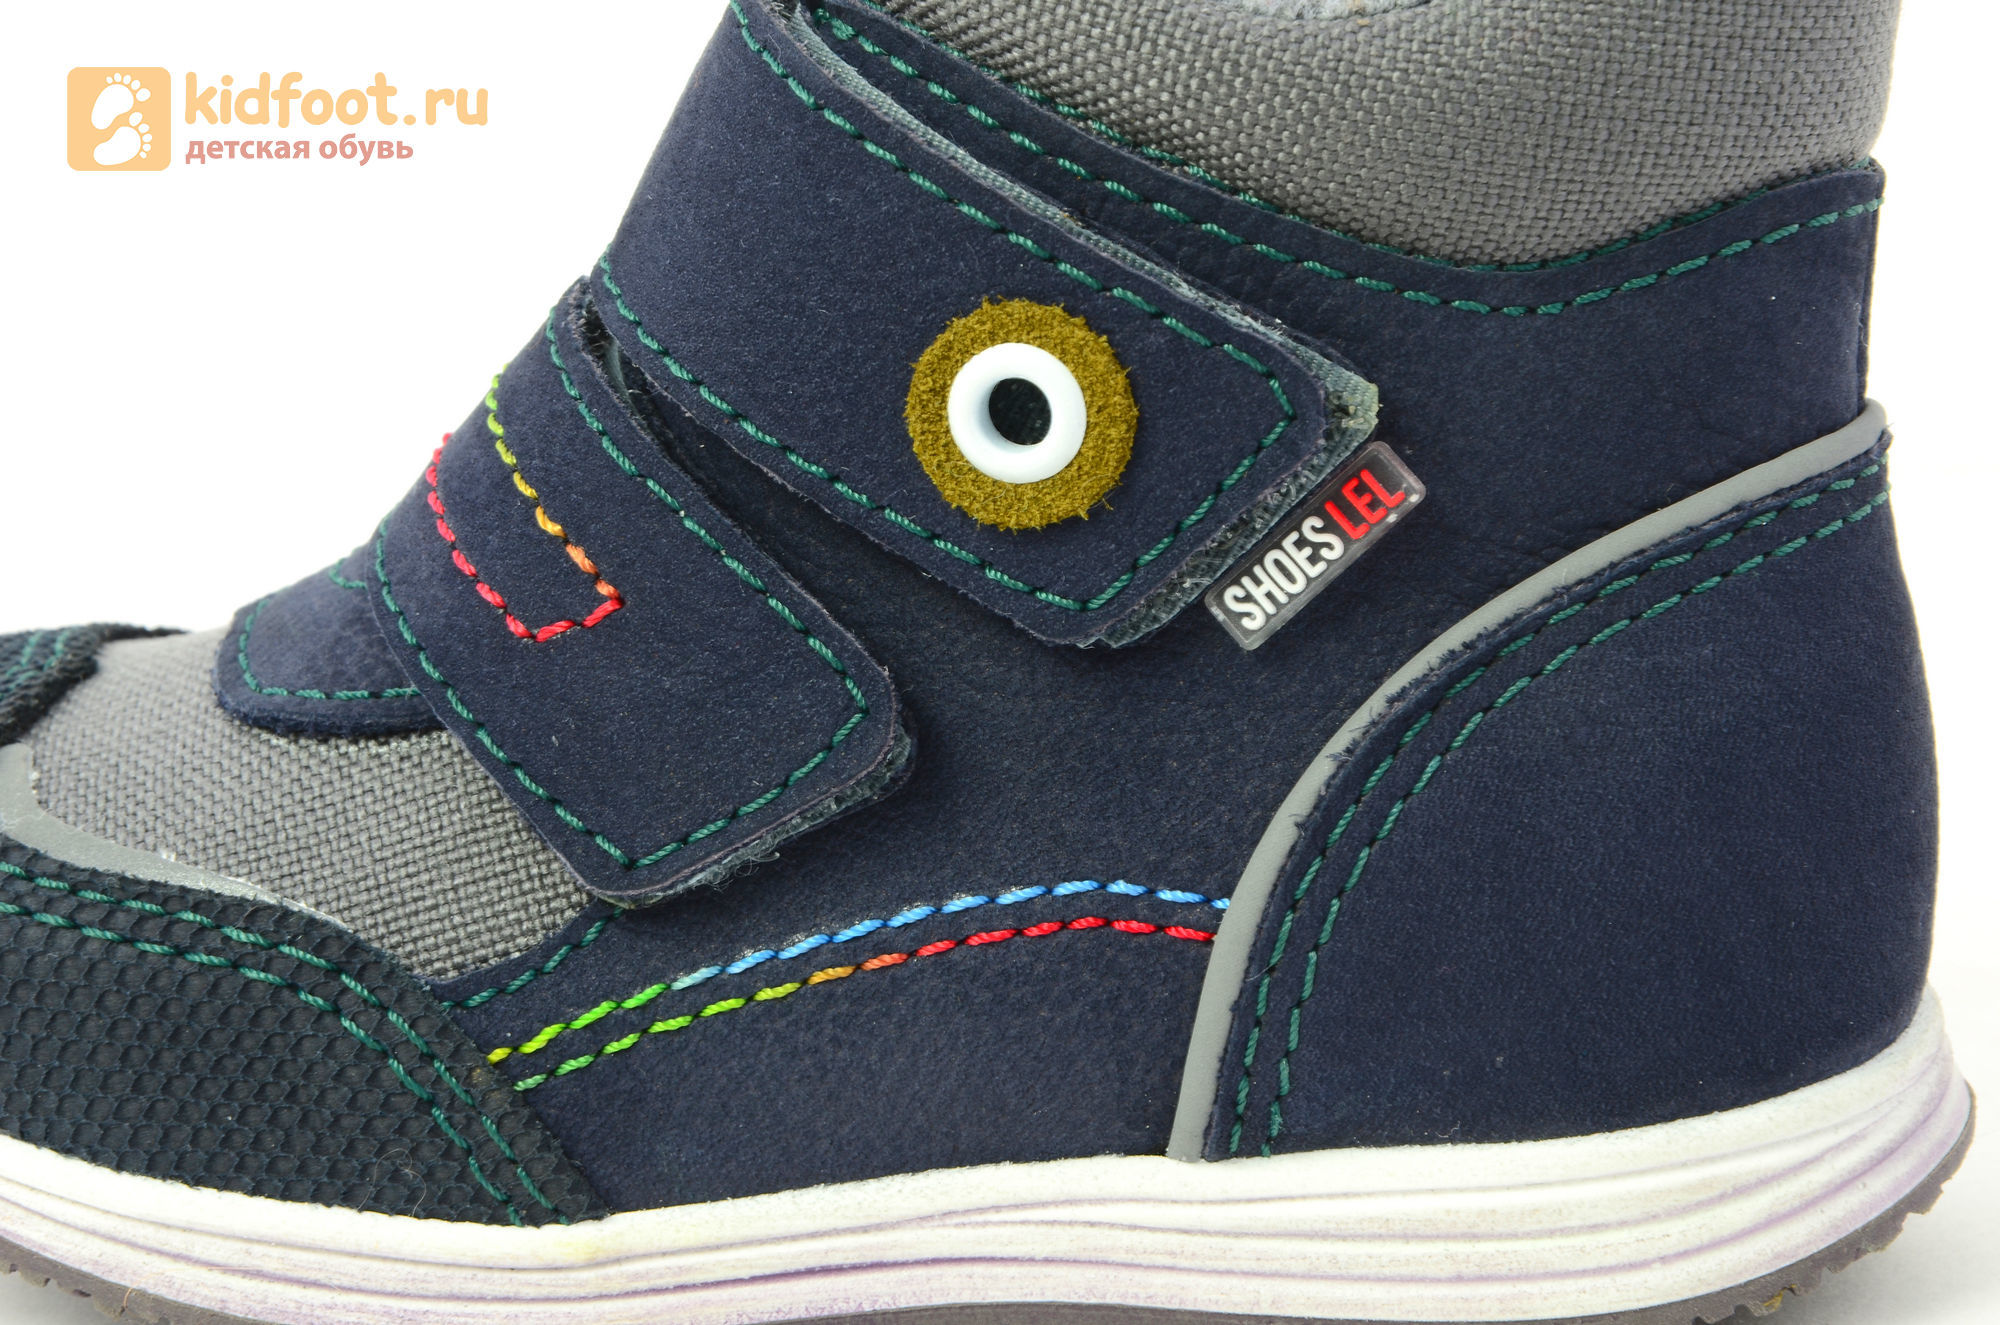 Ботинки Лель (LEL) для мальчика, цвет Темно синий, 3-882